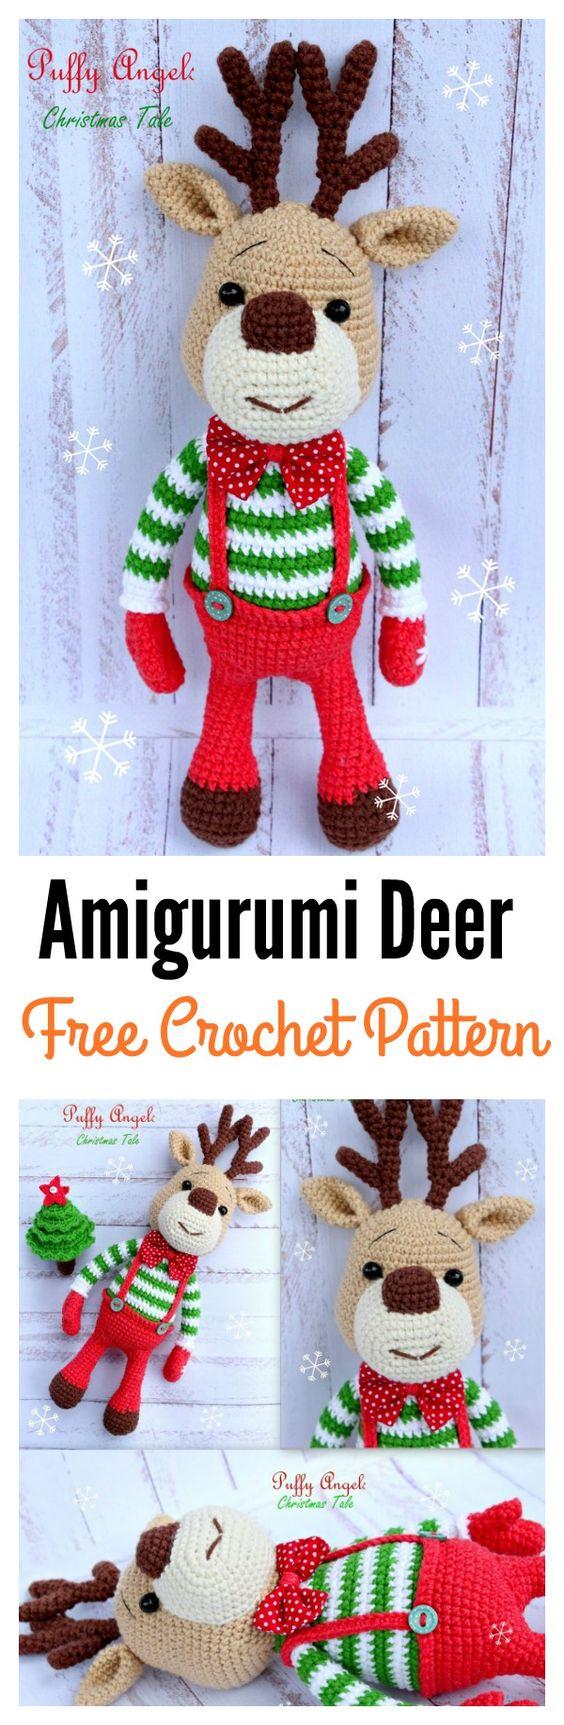 20 Crochet Reindeer Patterns---Amigurumi Deer Marley Free Crochet Pattern